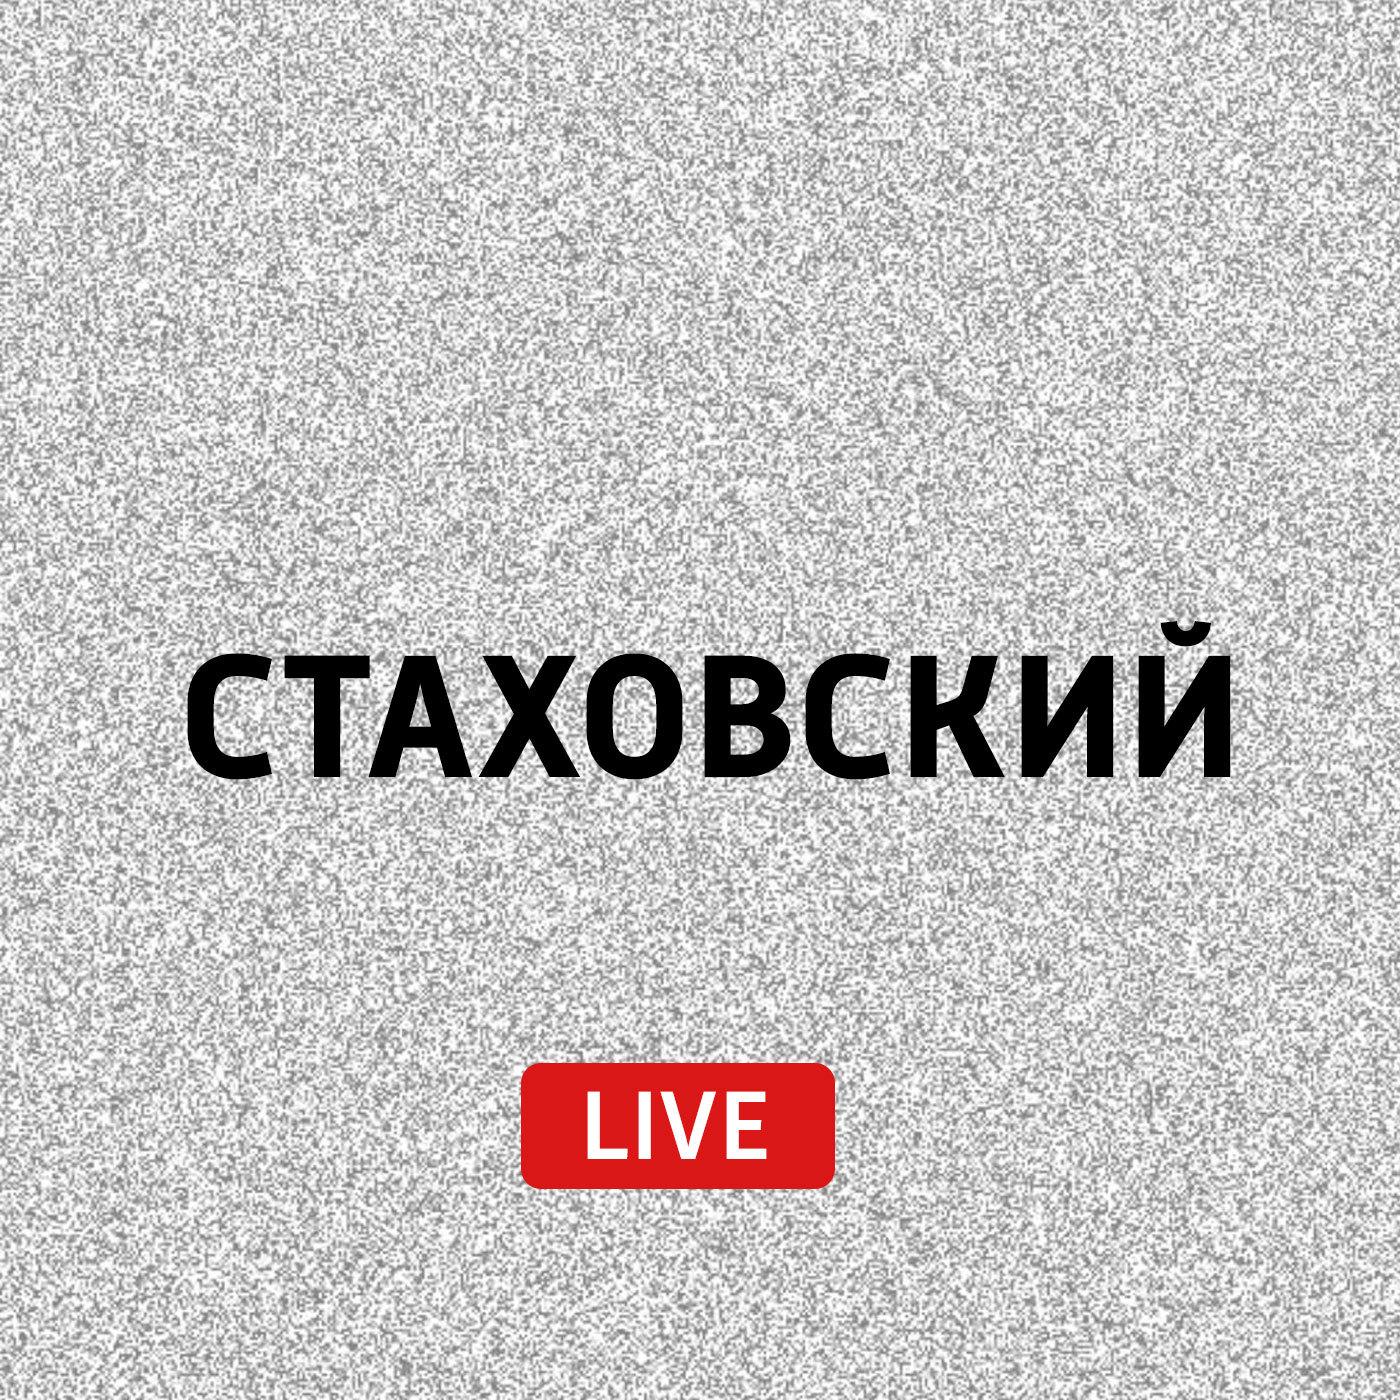 Евгений Стаховский Путешествия евгений стаховский жить полной жизнью